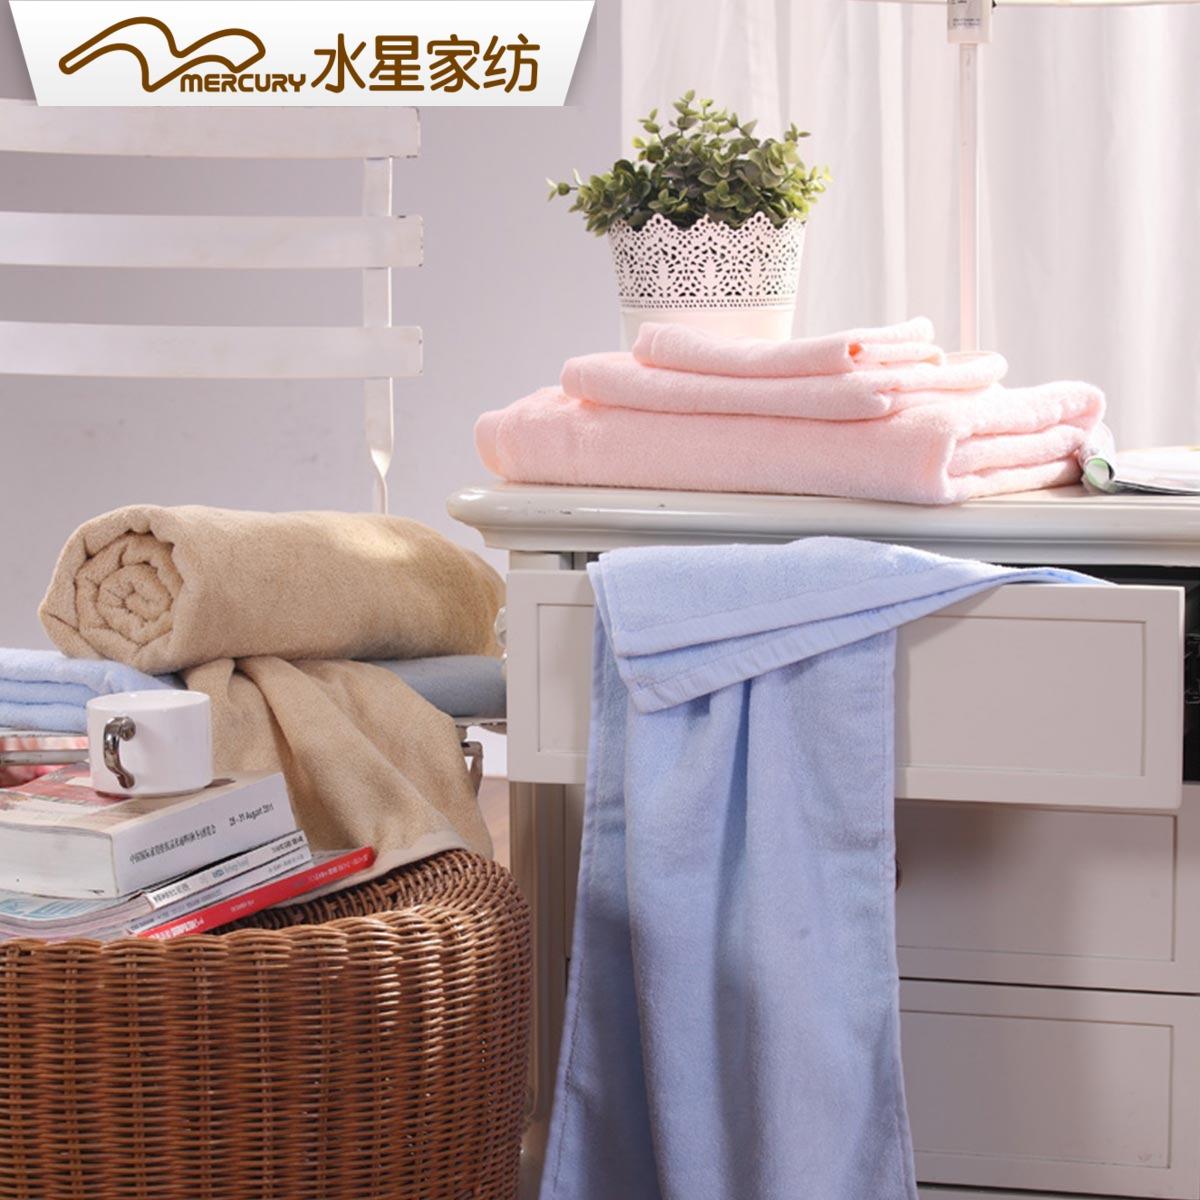 Ртутный домашний текстильный тонер Банное полотенце 3 накладки Увеличение поглощения воды мягкий Домашний взрослый комплект Банное полотенце